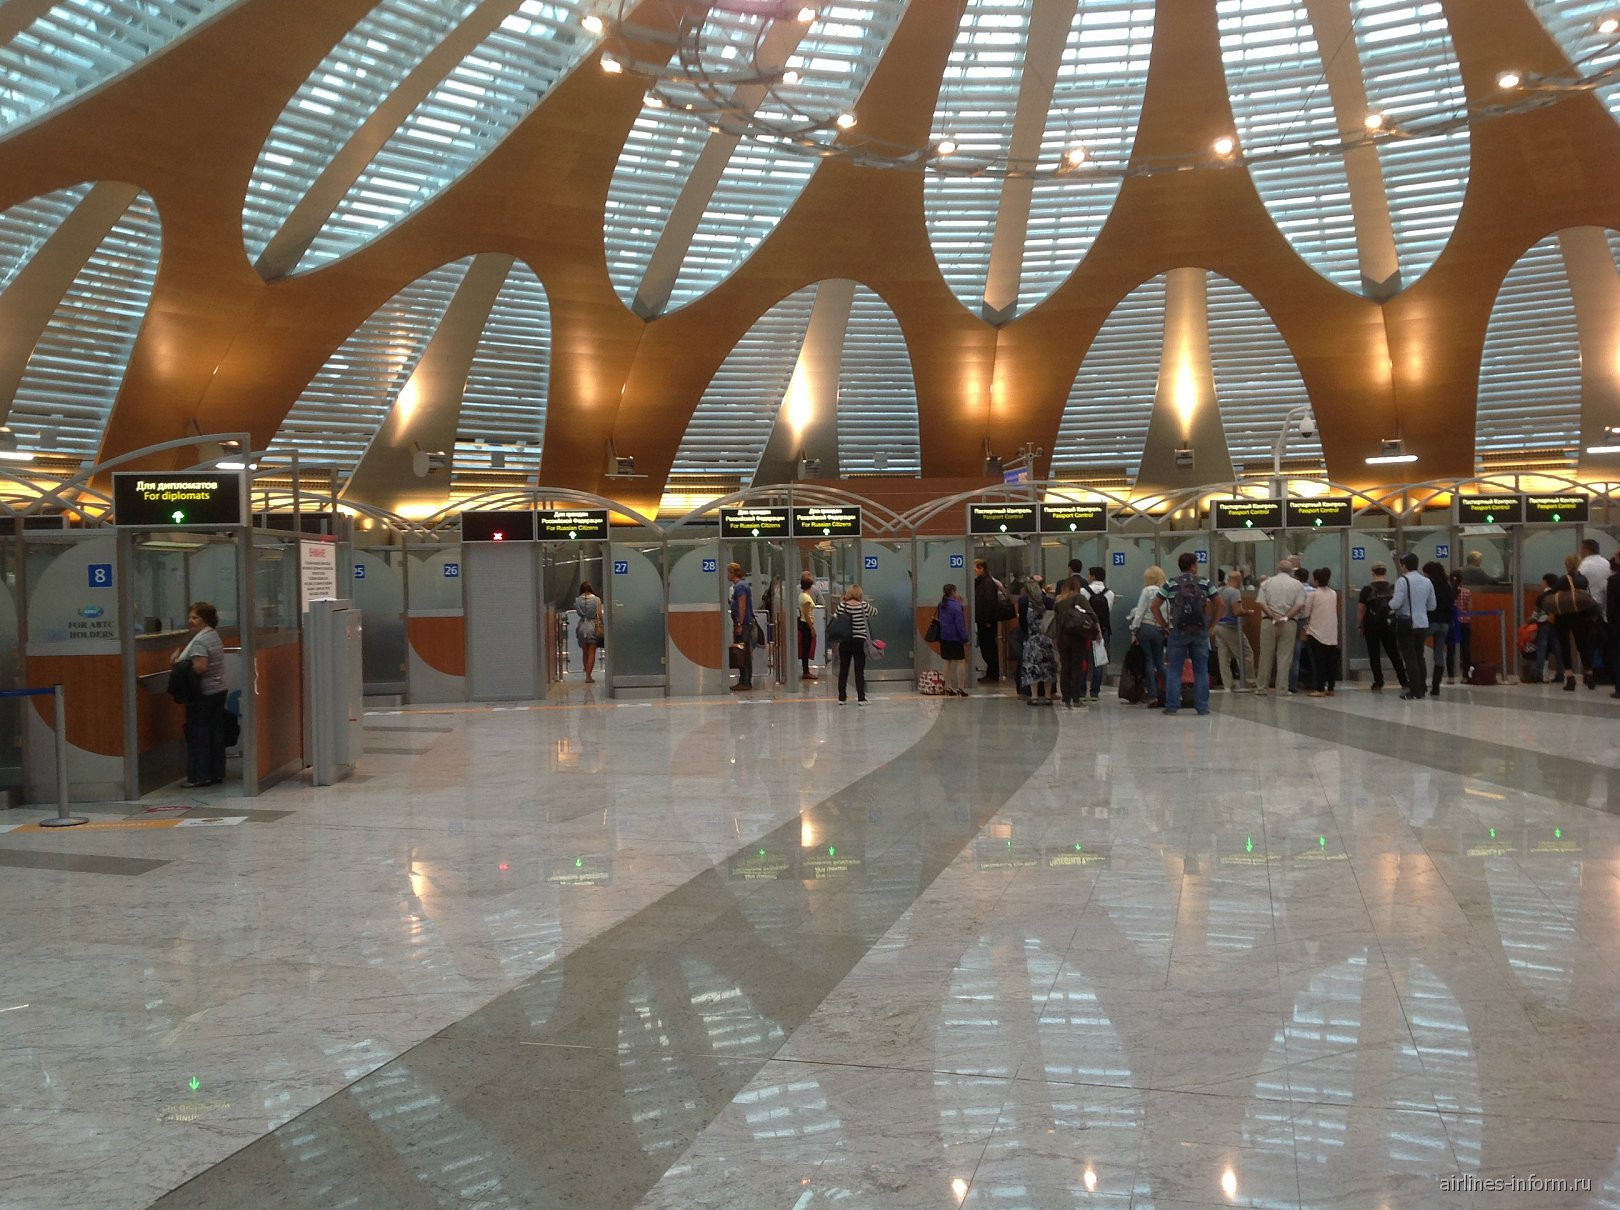 Кабинки пограничного контроля в терминале D аэропорта Шереметьево